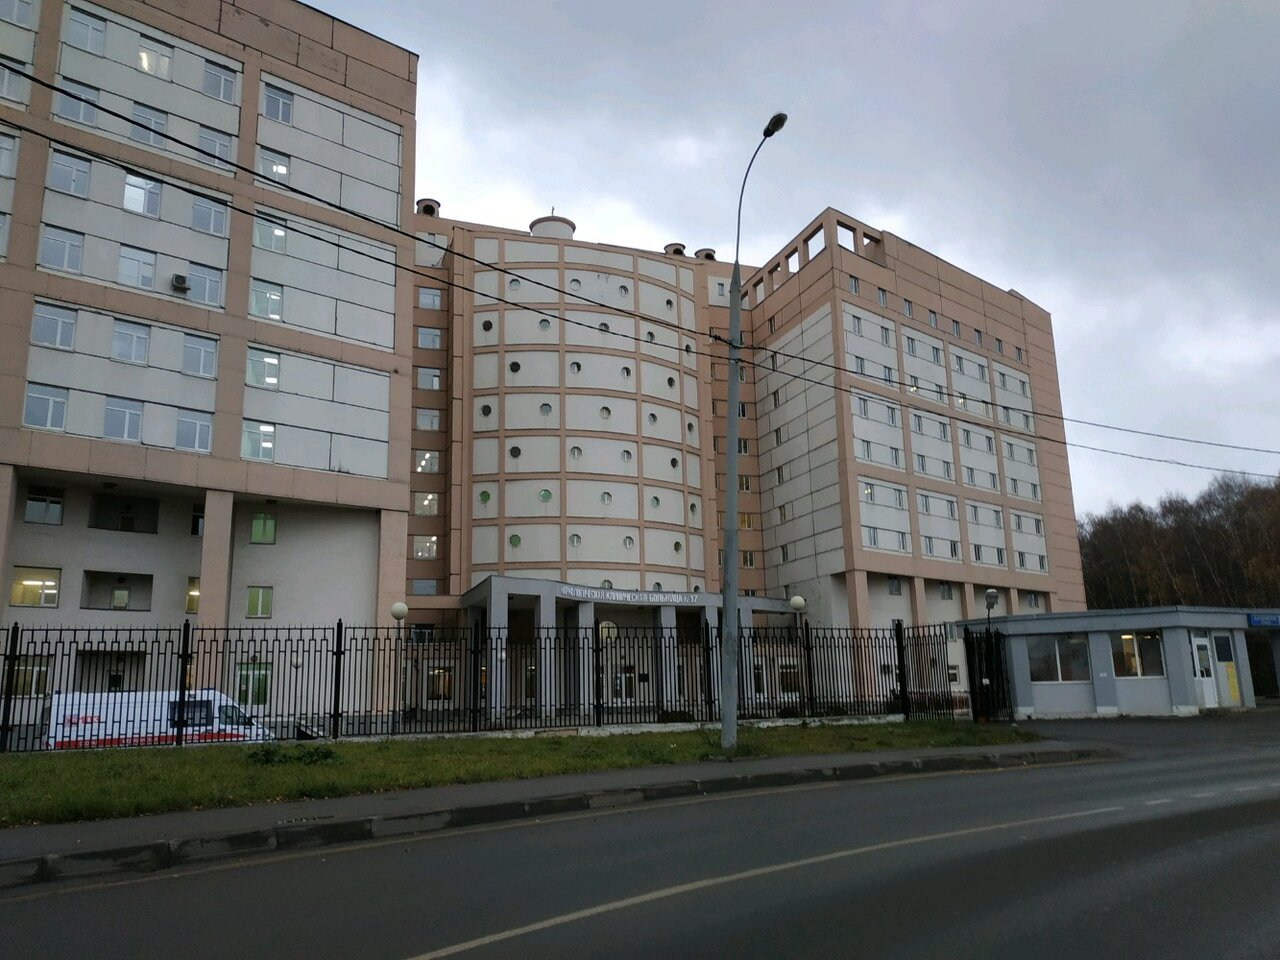 Наркологическая клиника 17 варшавское шоссе наркология смоленск